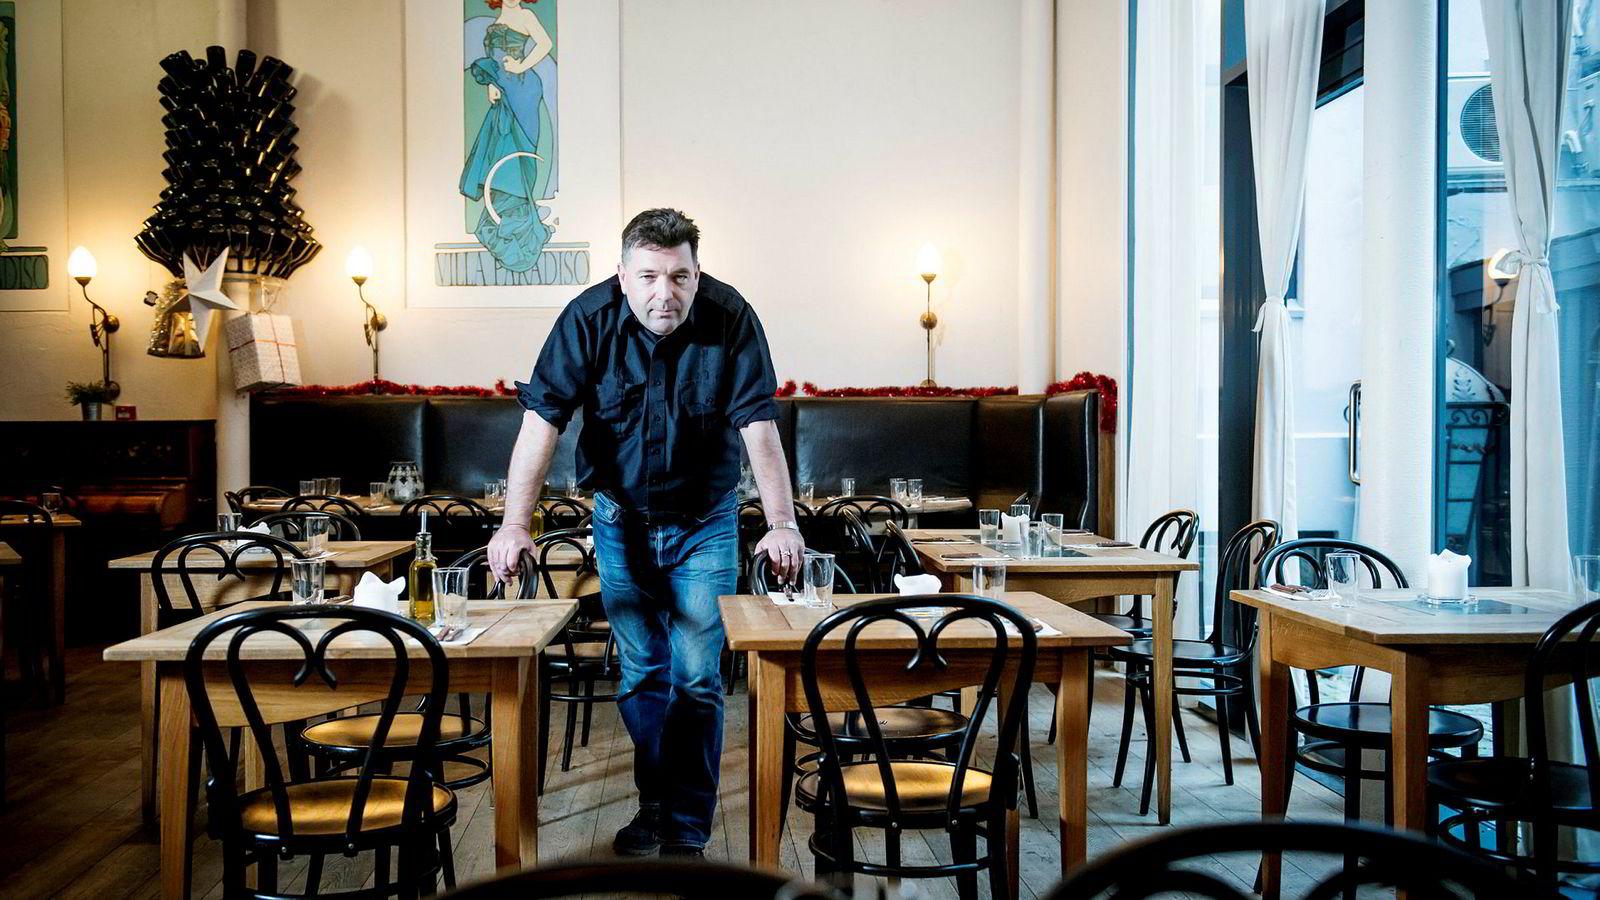 Jan Vardøen vant over konjakkprodusenten Hennessy i norske Patentstyret, og ble overrasket over hvor uenige Klagenemnda for industrielle rettigheter var i siste runde, hvor han vant en knepen seier i to av tre saker, og tapte den tredje. – Vi må i tenkeboksen, sier Vardøen om pappvinen Vino Paradisos fremtid.